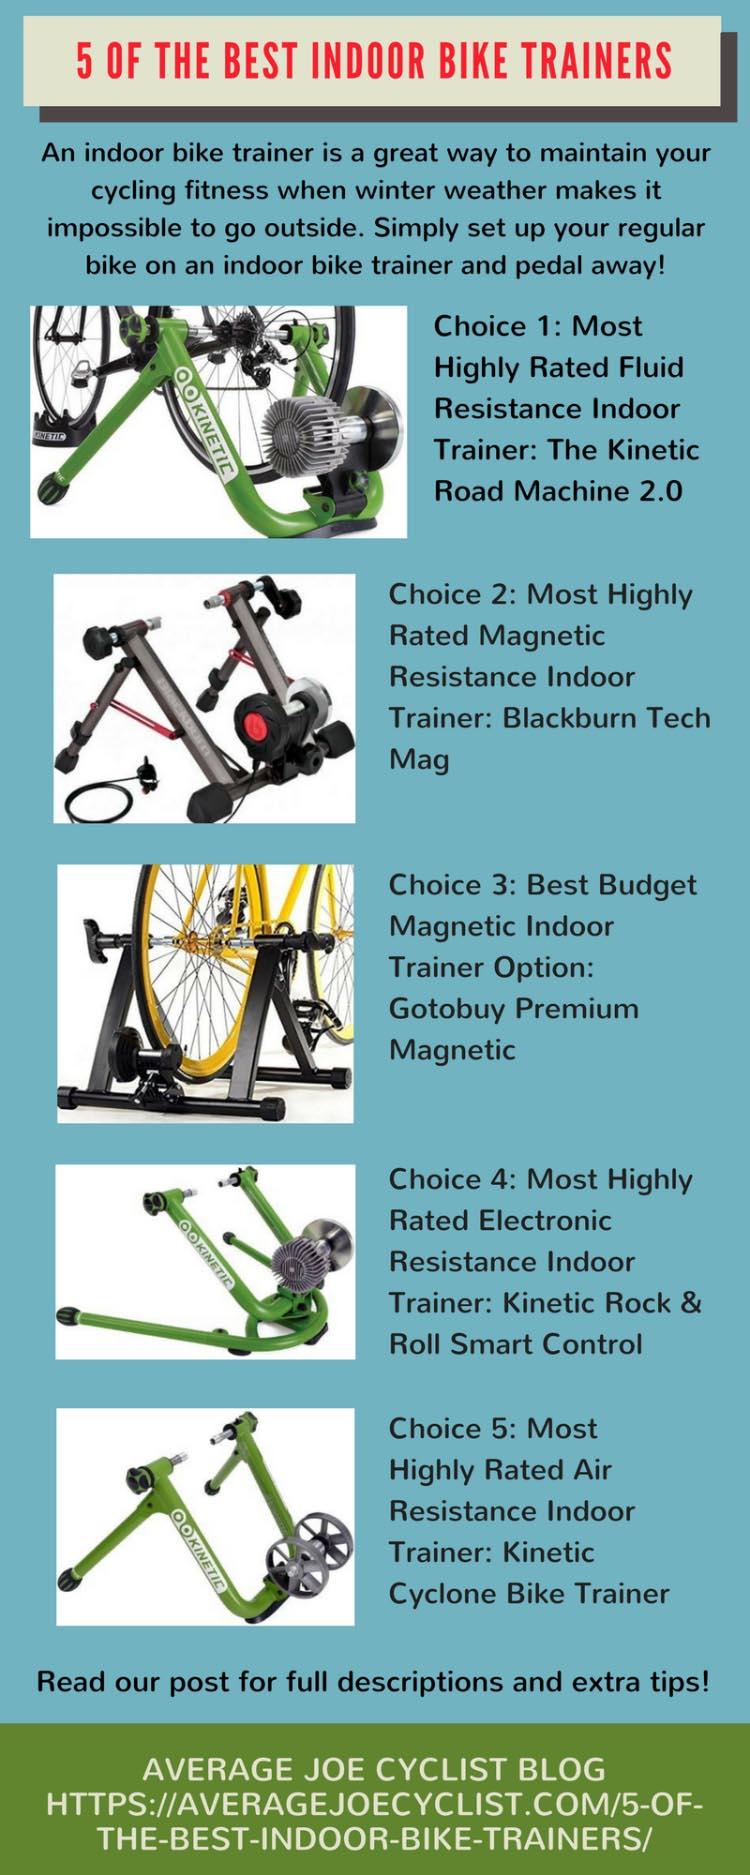 5 of the Best Budget Indoor Bike Trainers, 2020 Indoor